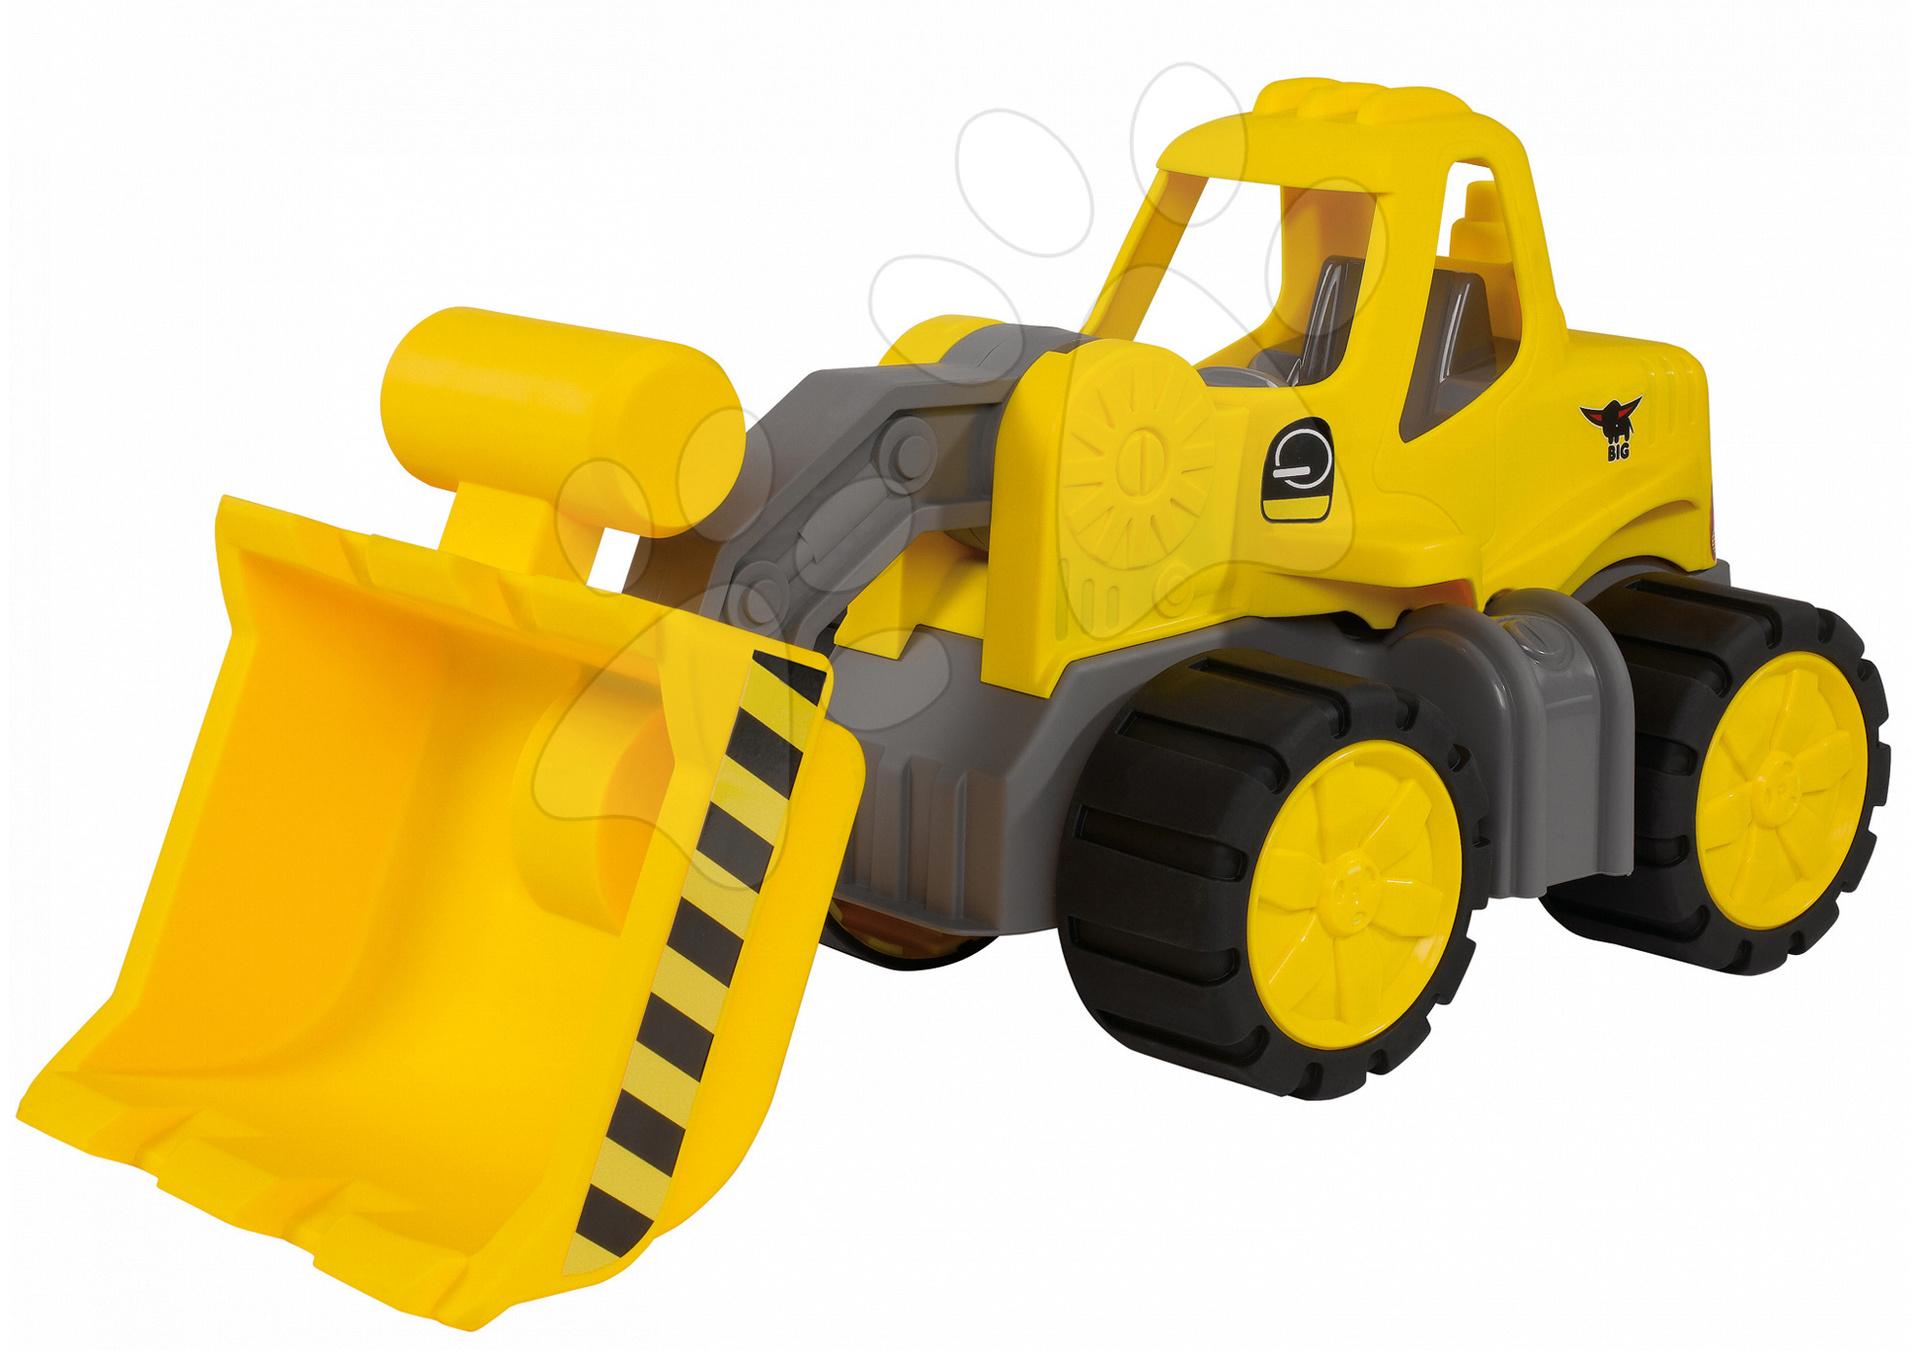 Stavebné stroje - Nakladač Power BIG pracovný stroj dĺžka 47 cm žltý od 24 mes